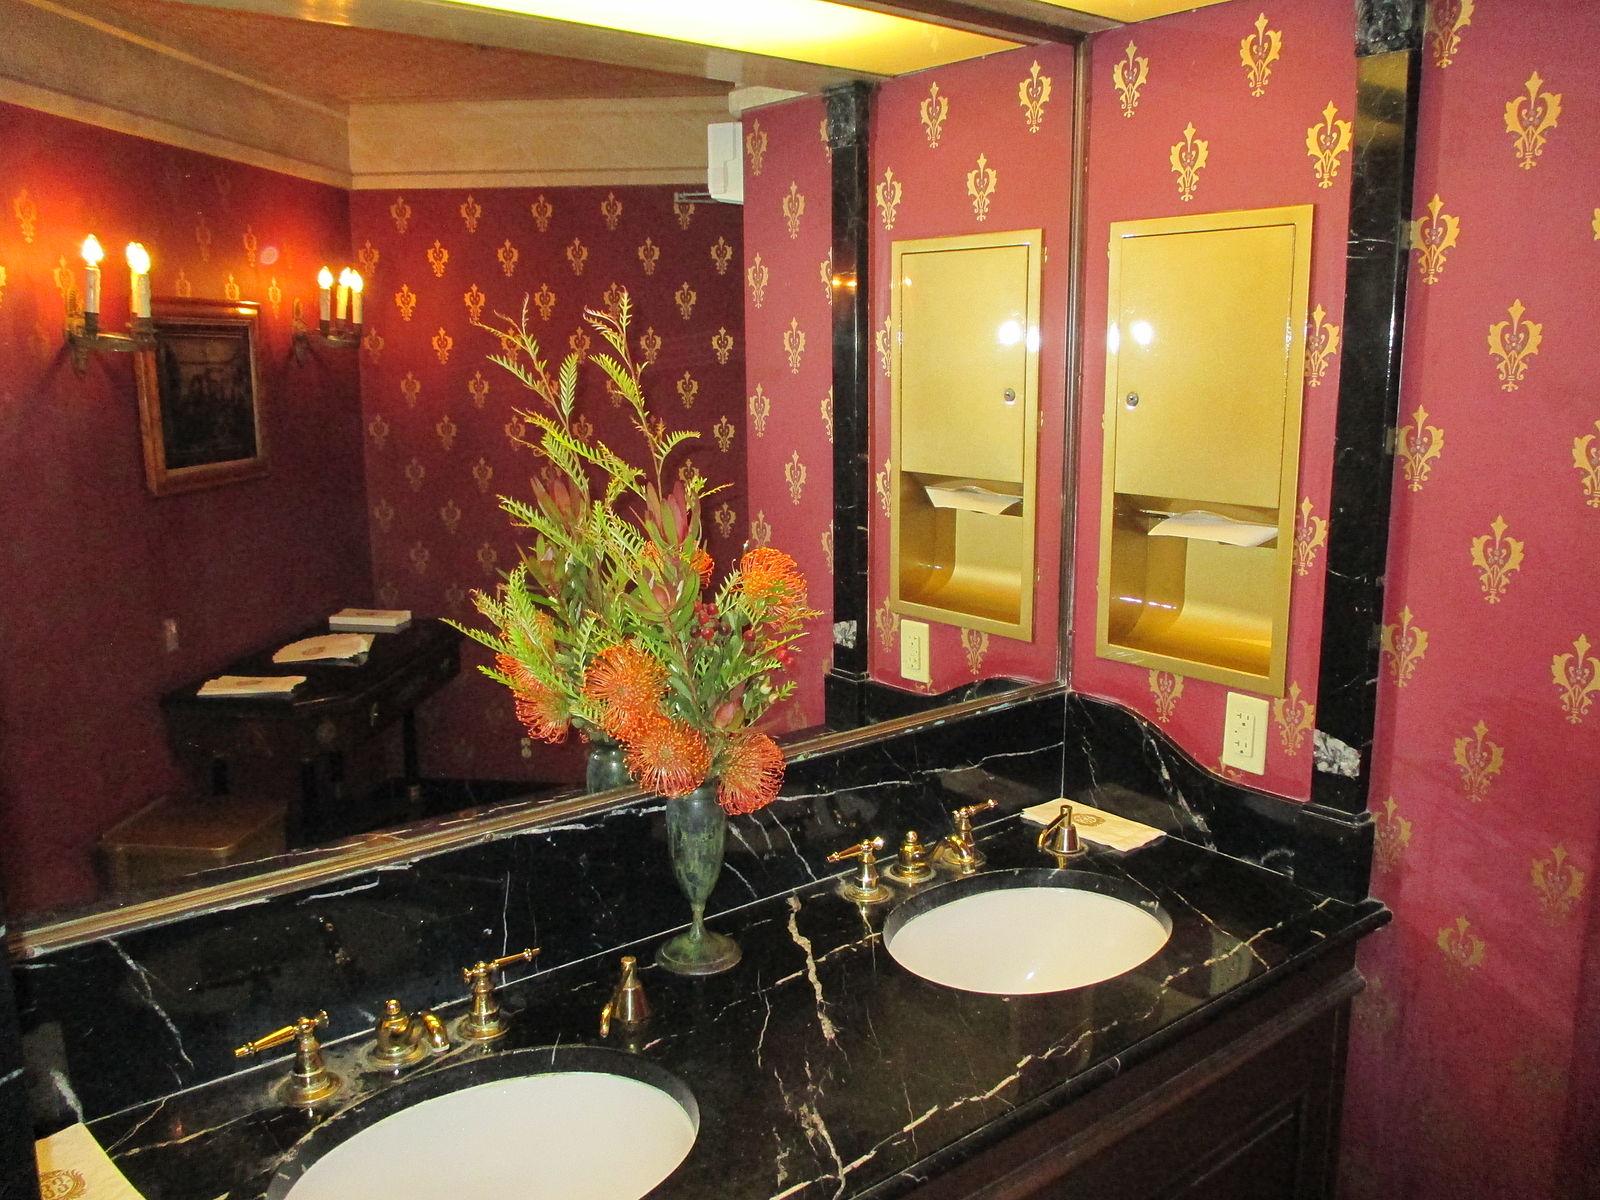 Club 33 bathroom